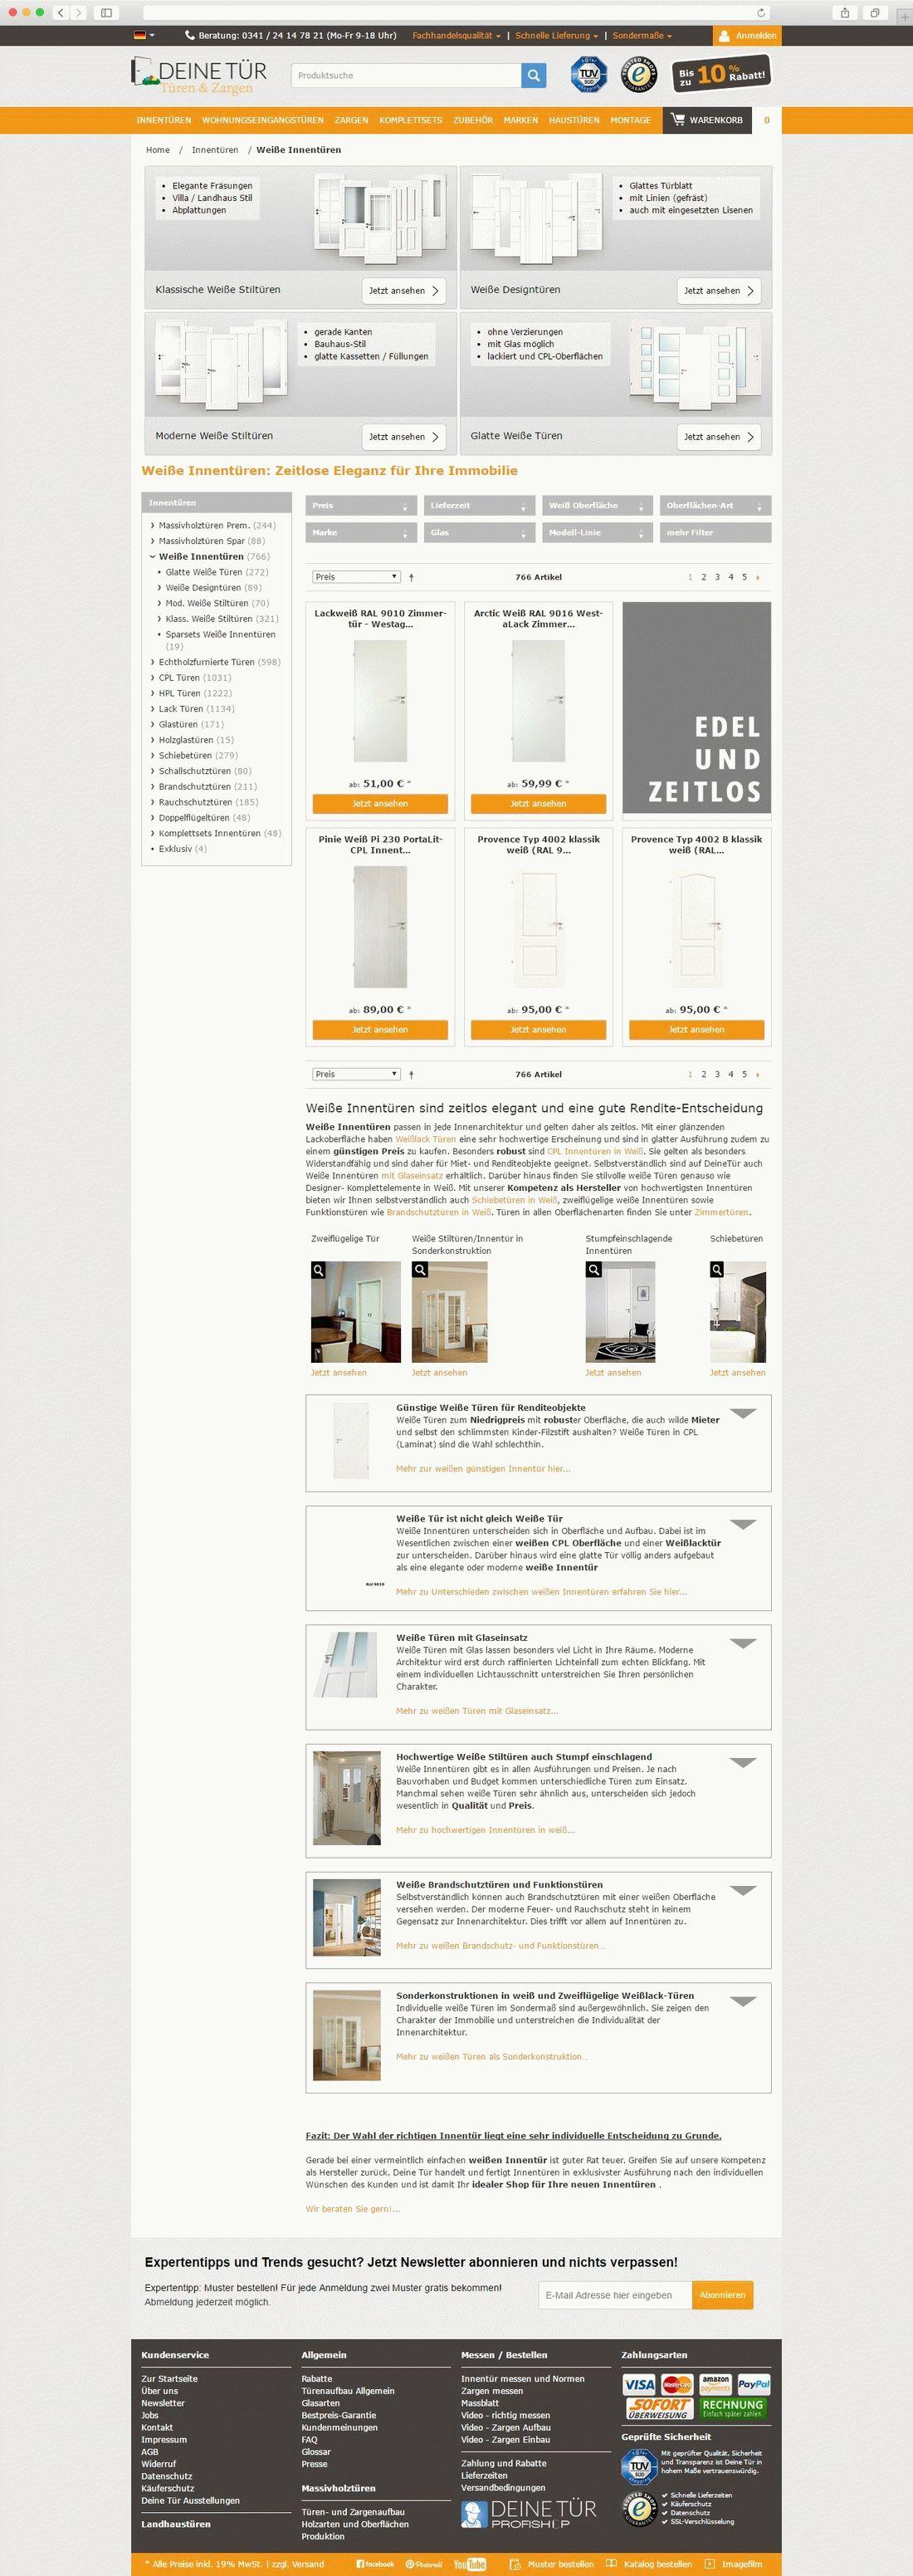 Deinetuer_catalog